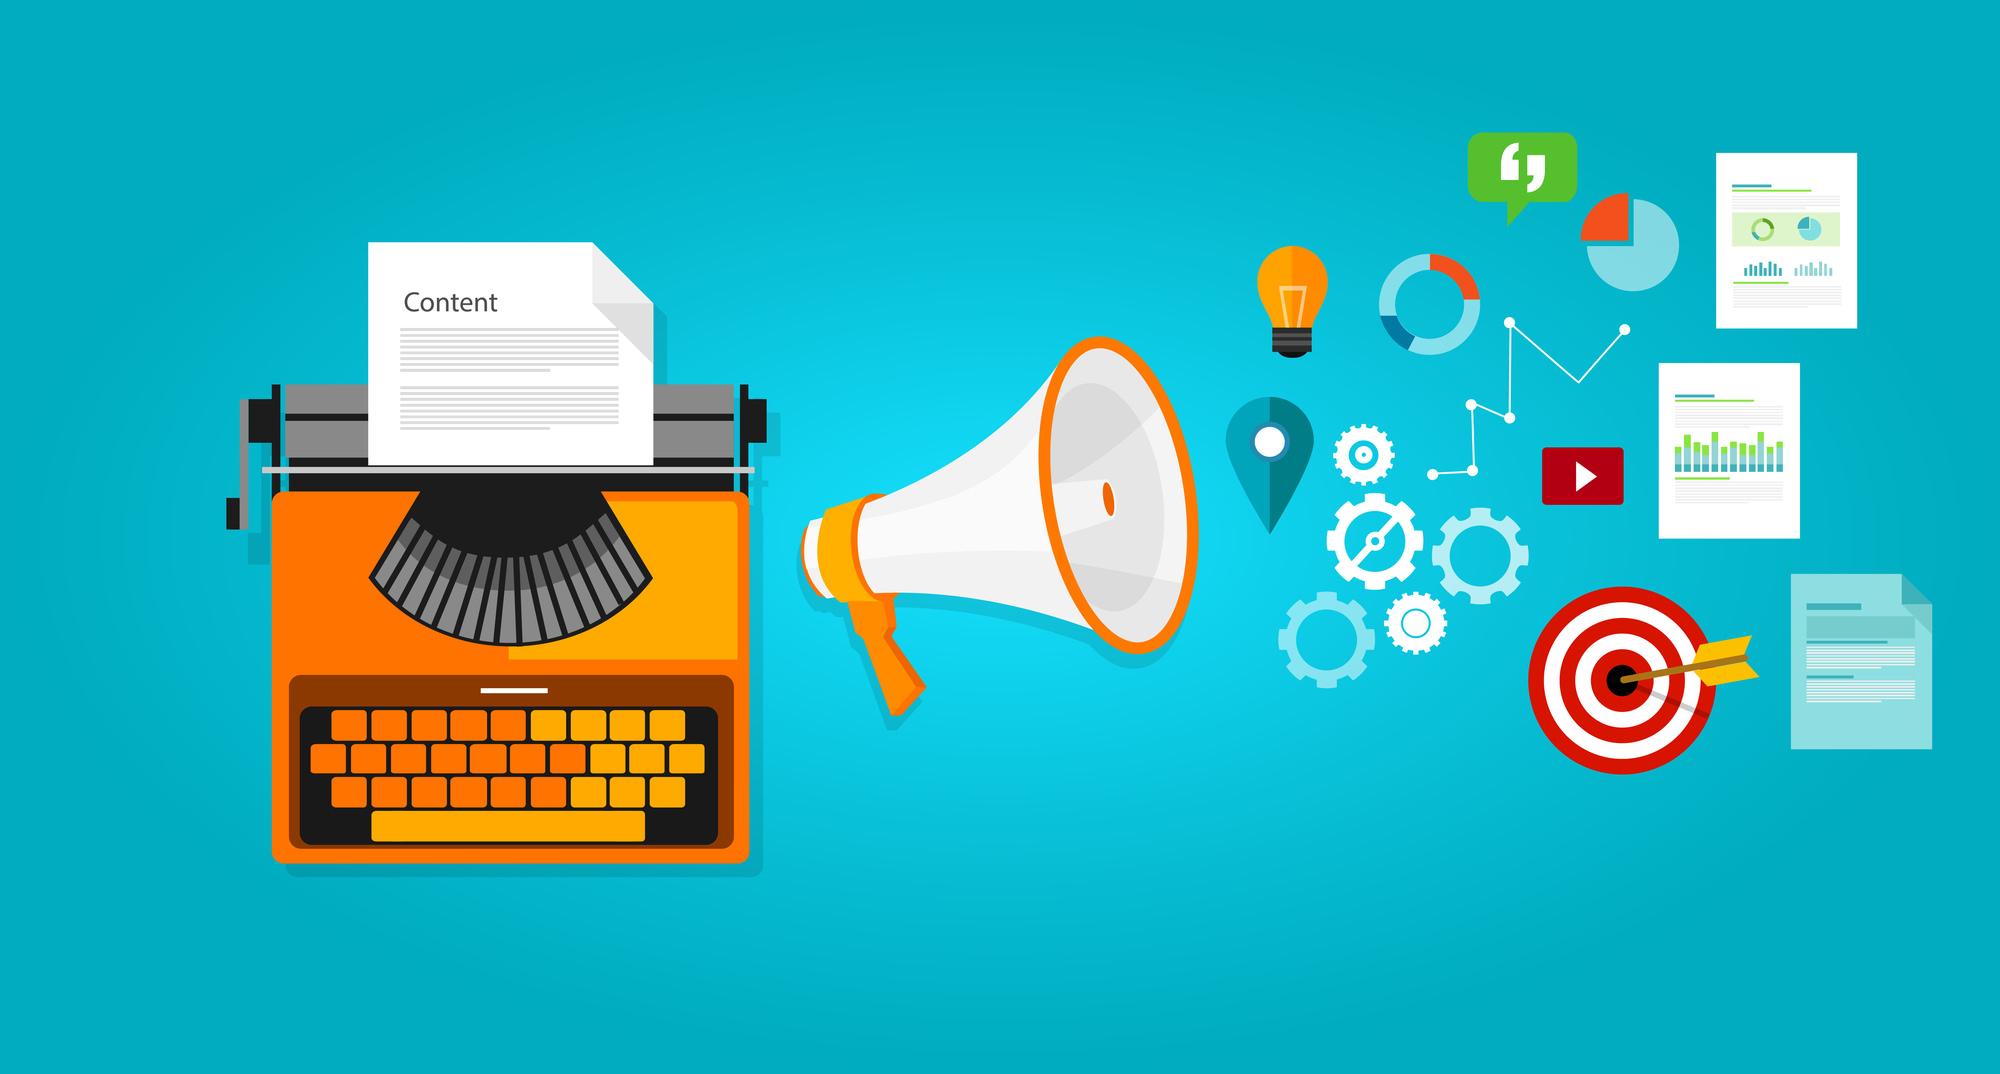 Markedsfoering og kommunikation